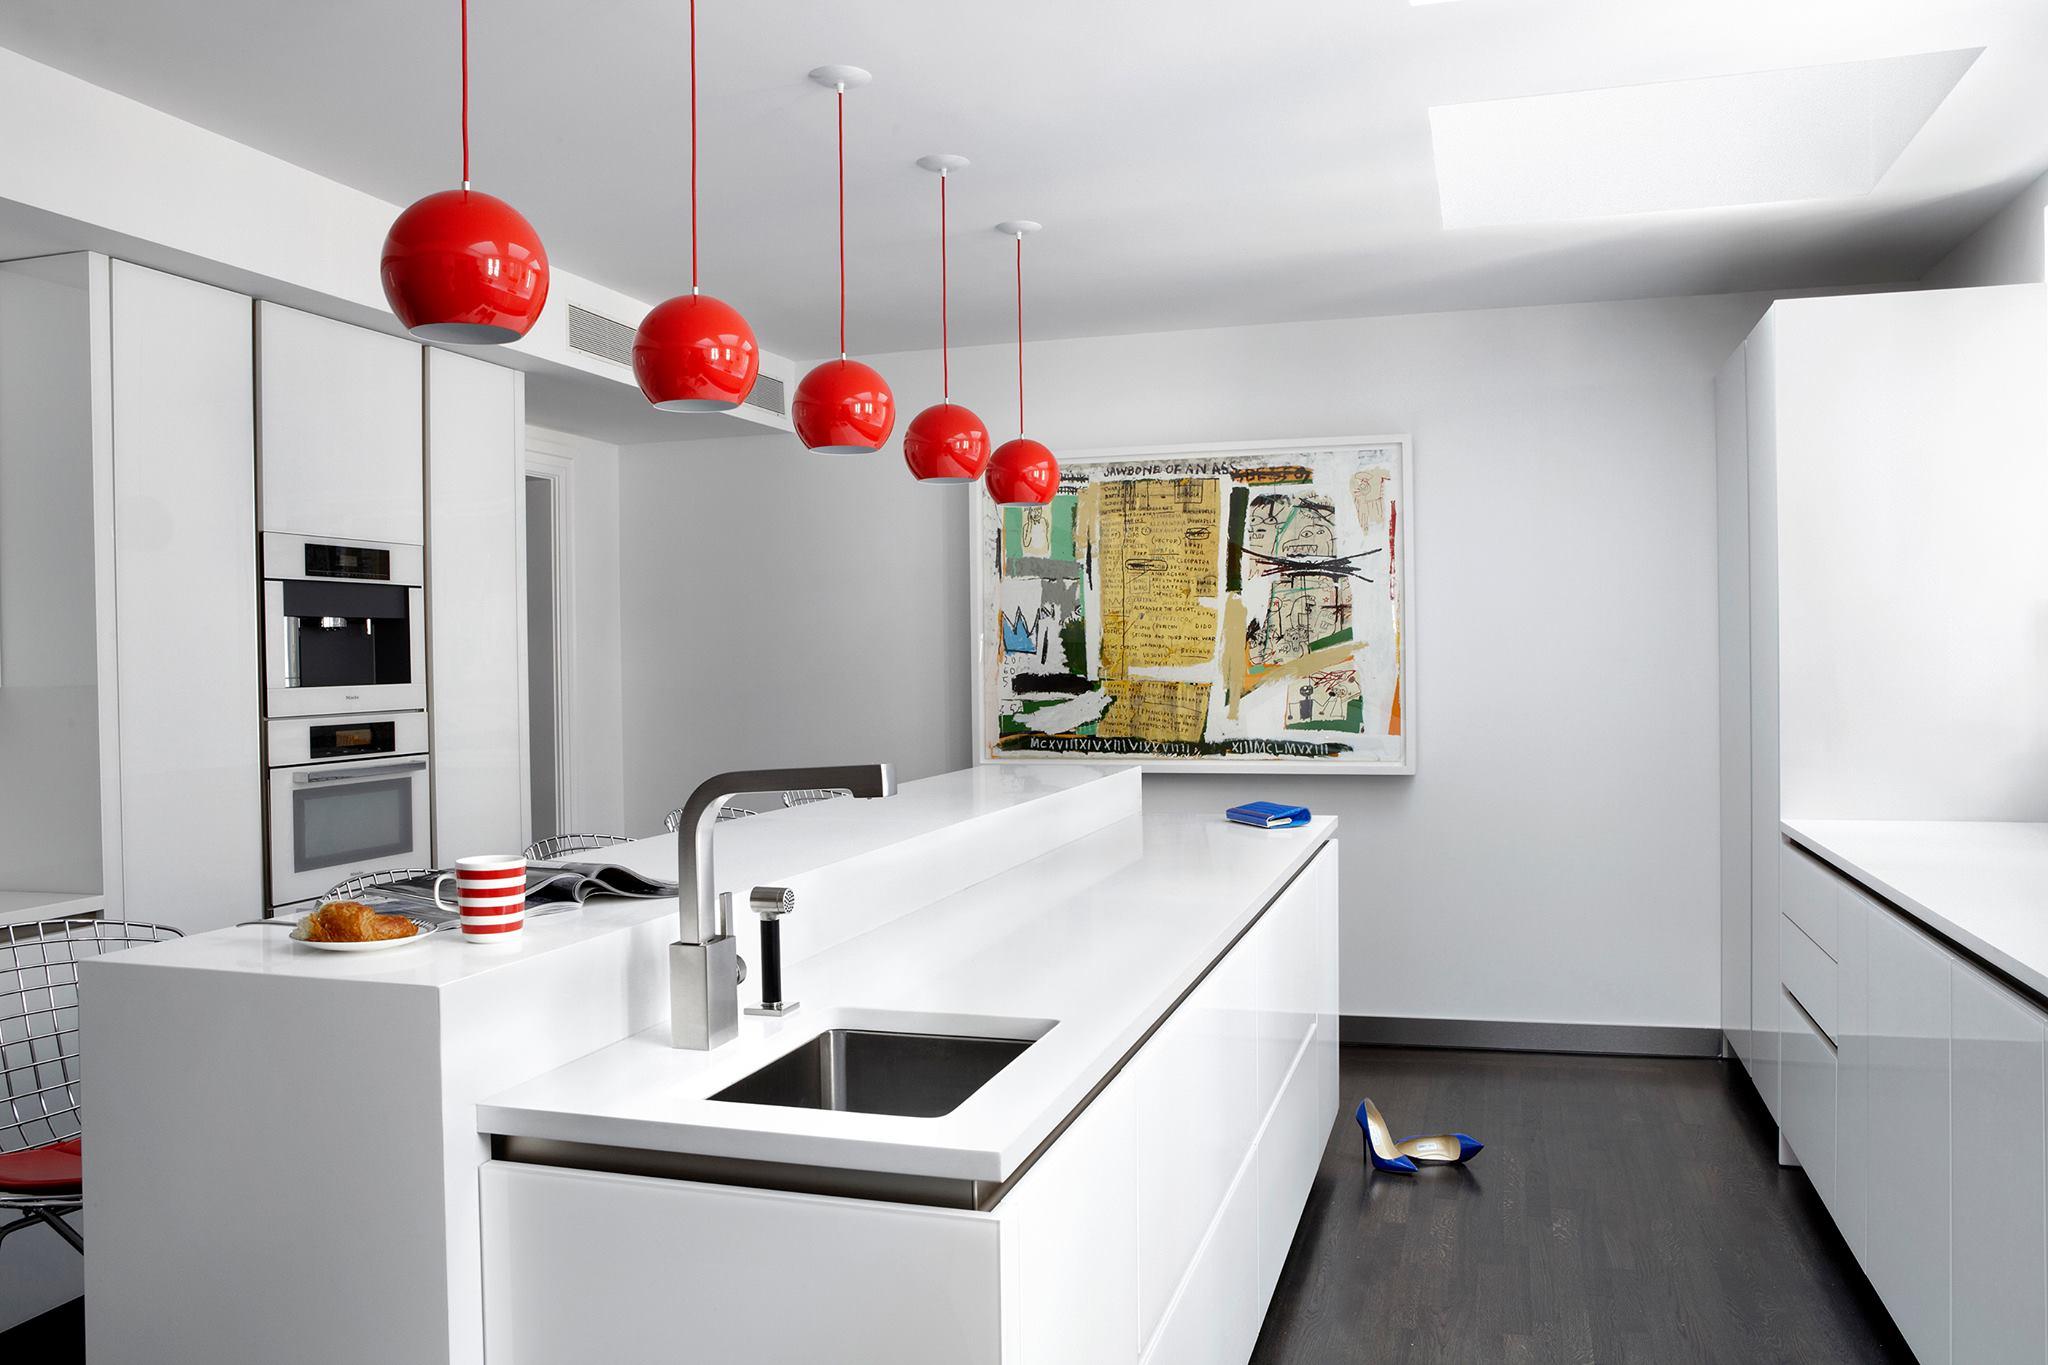 Warendorf Küchen | BRAIG Küchen & Schreinerei bei Ulm